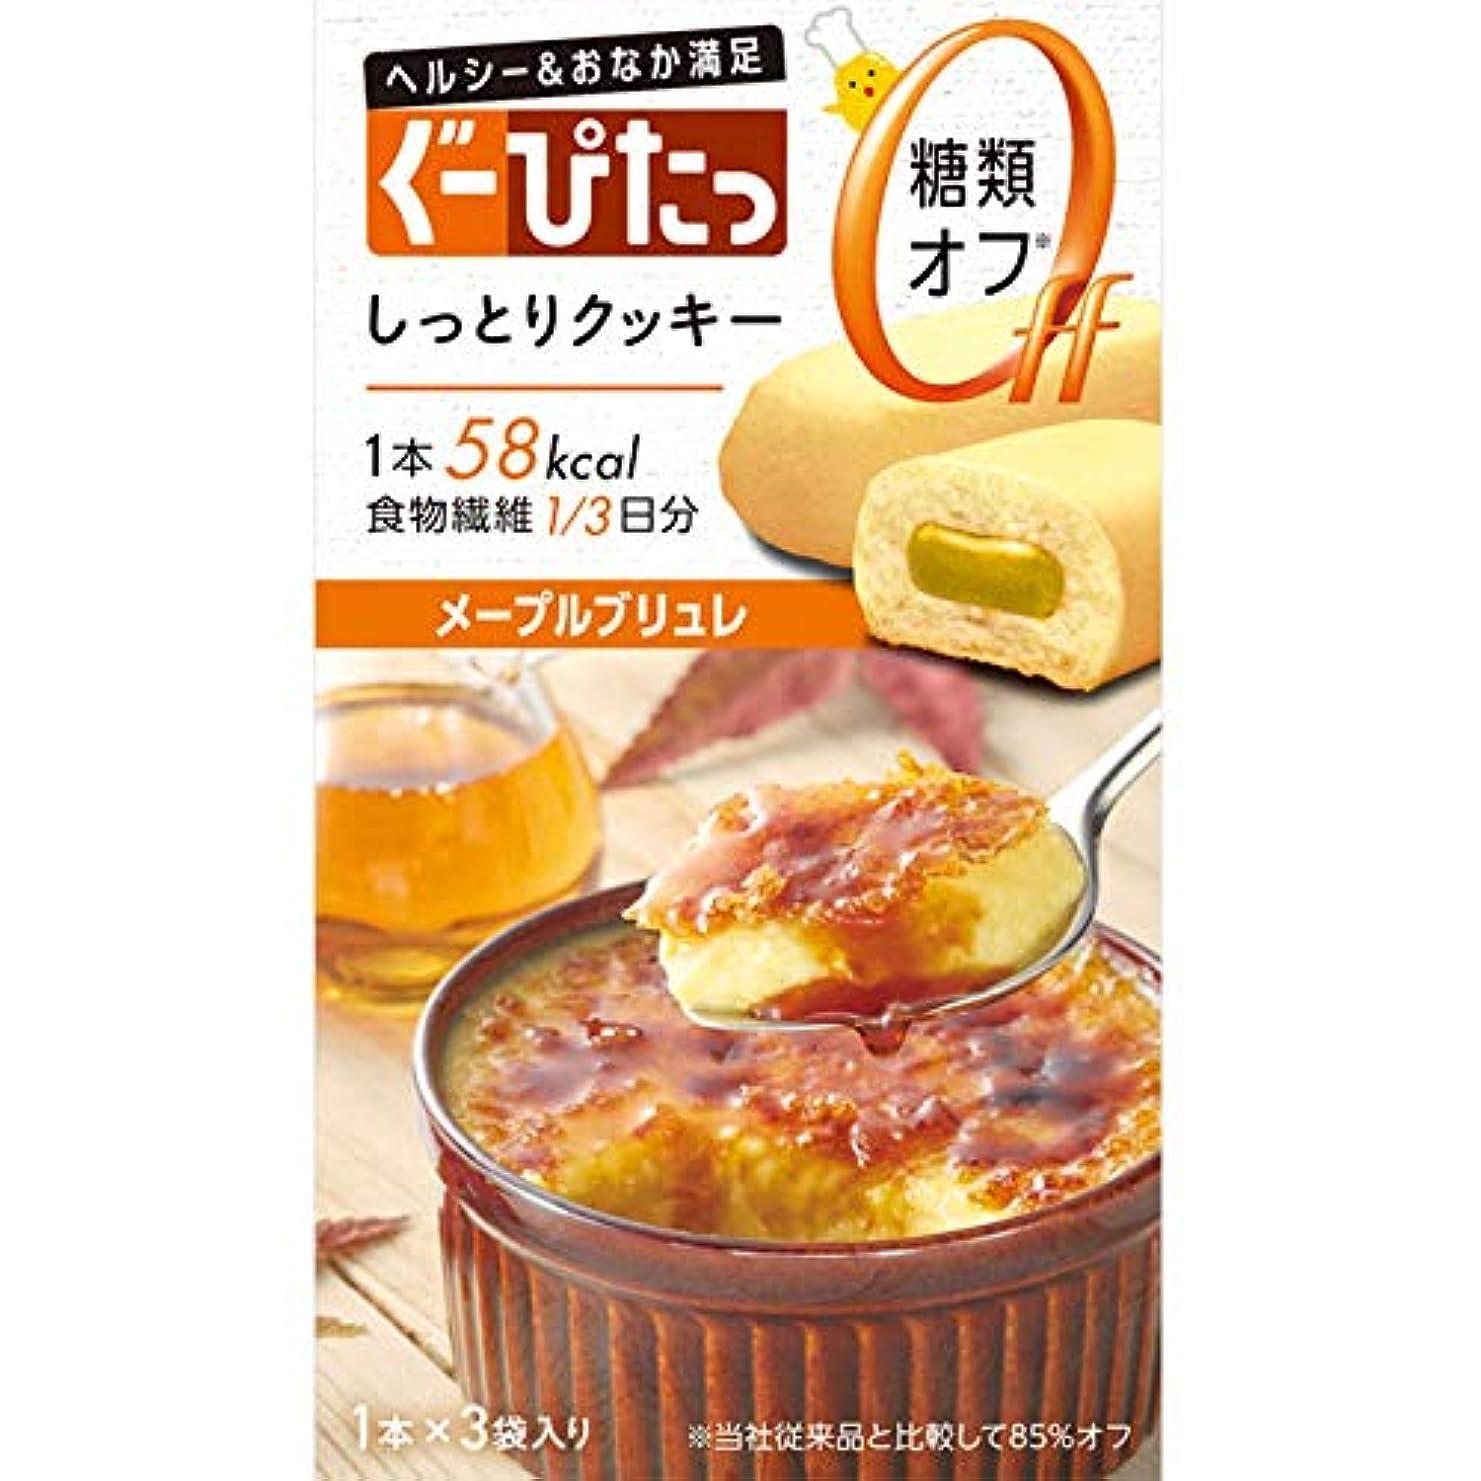 等価問い合わせるファンシーナリスアップ ぐーぴたっ しっとりクッキー メープルブリュレ (3本) ダイエット食品